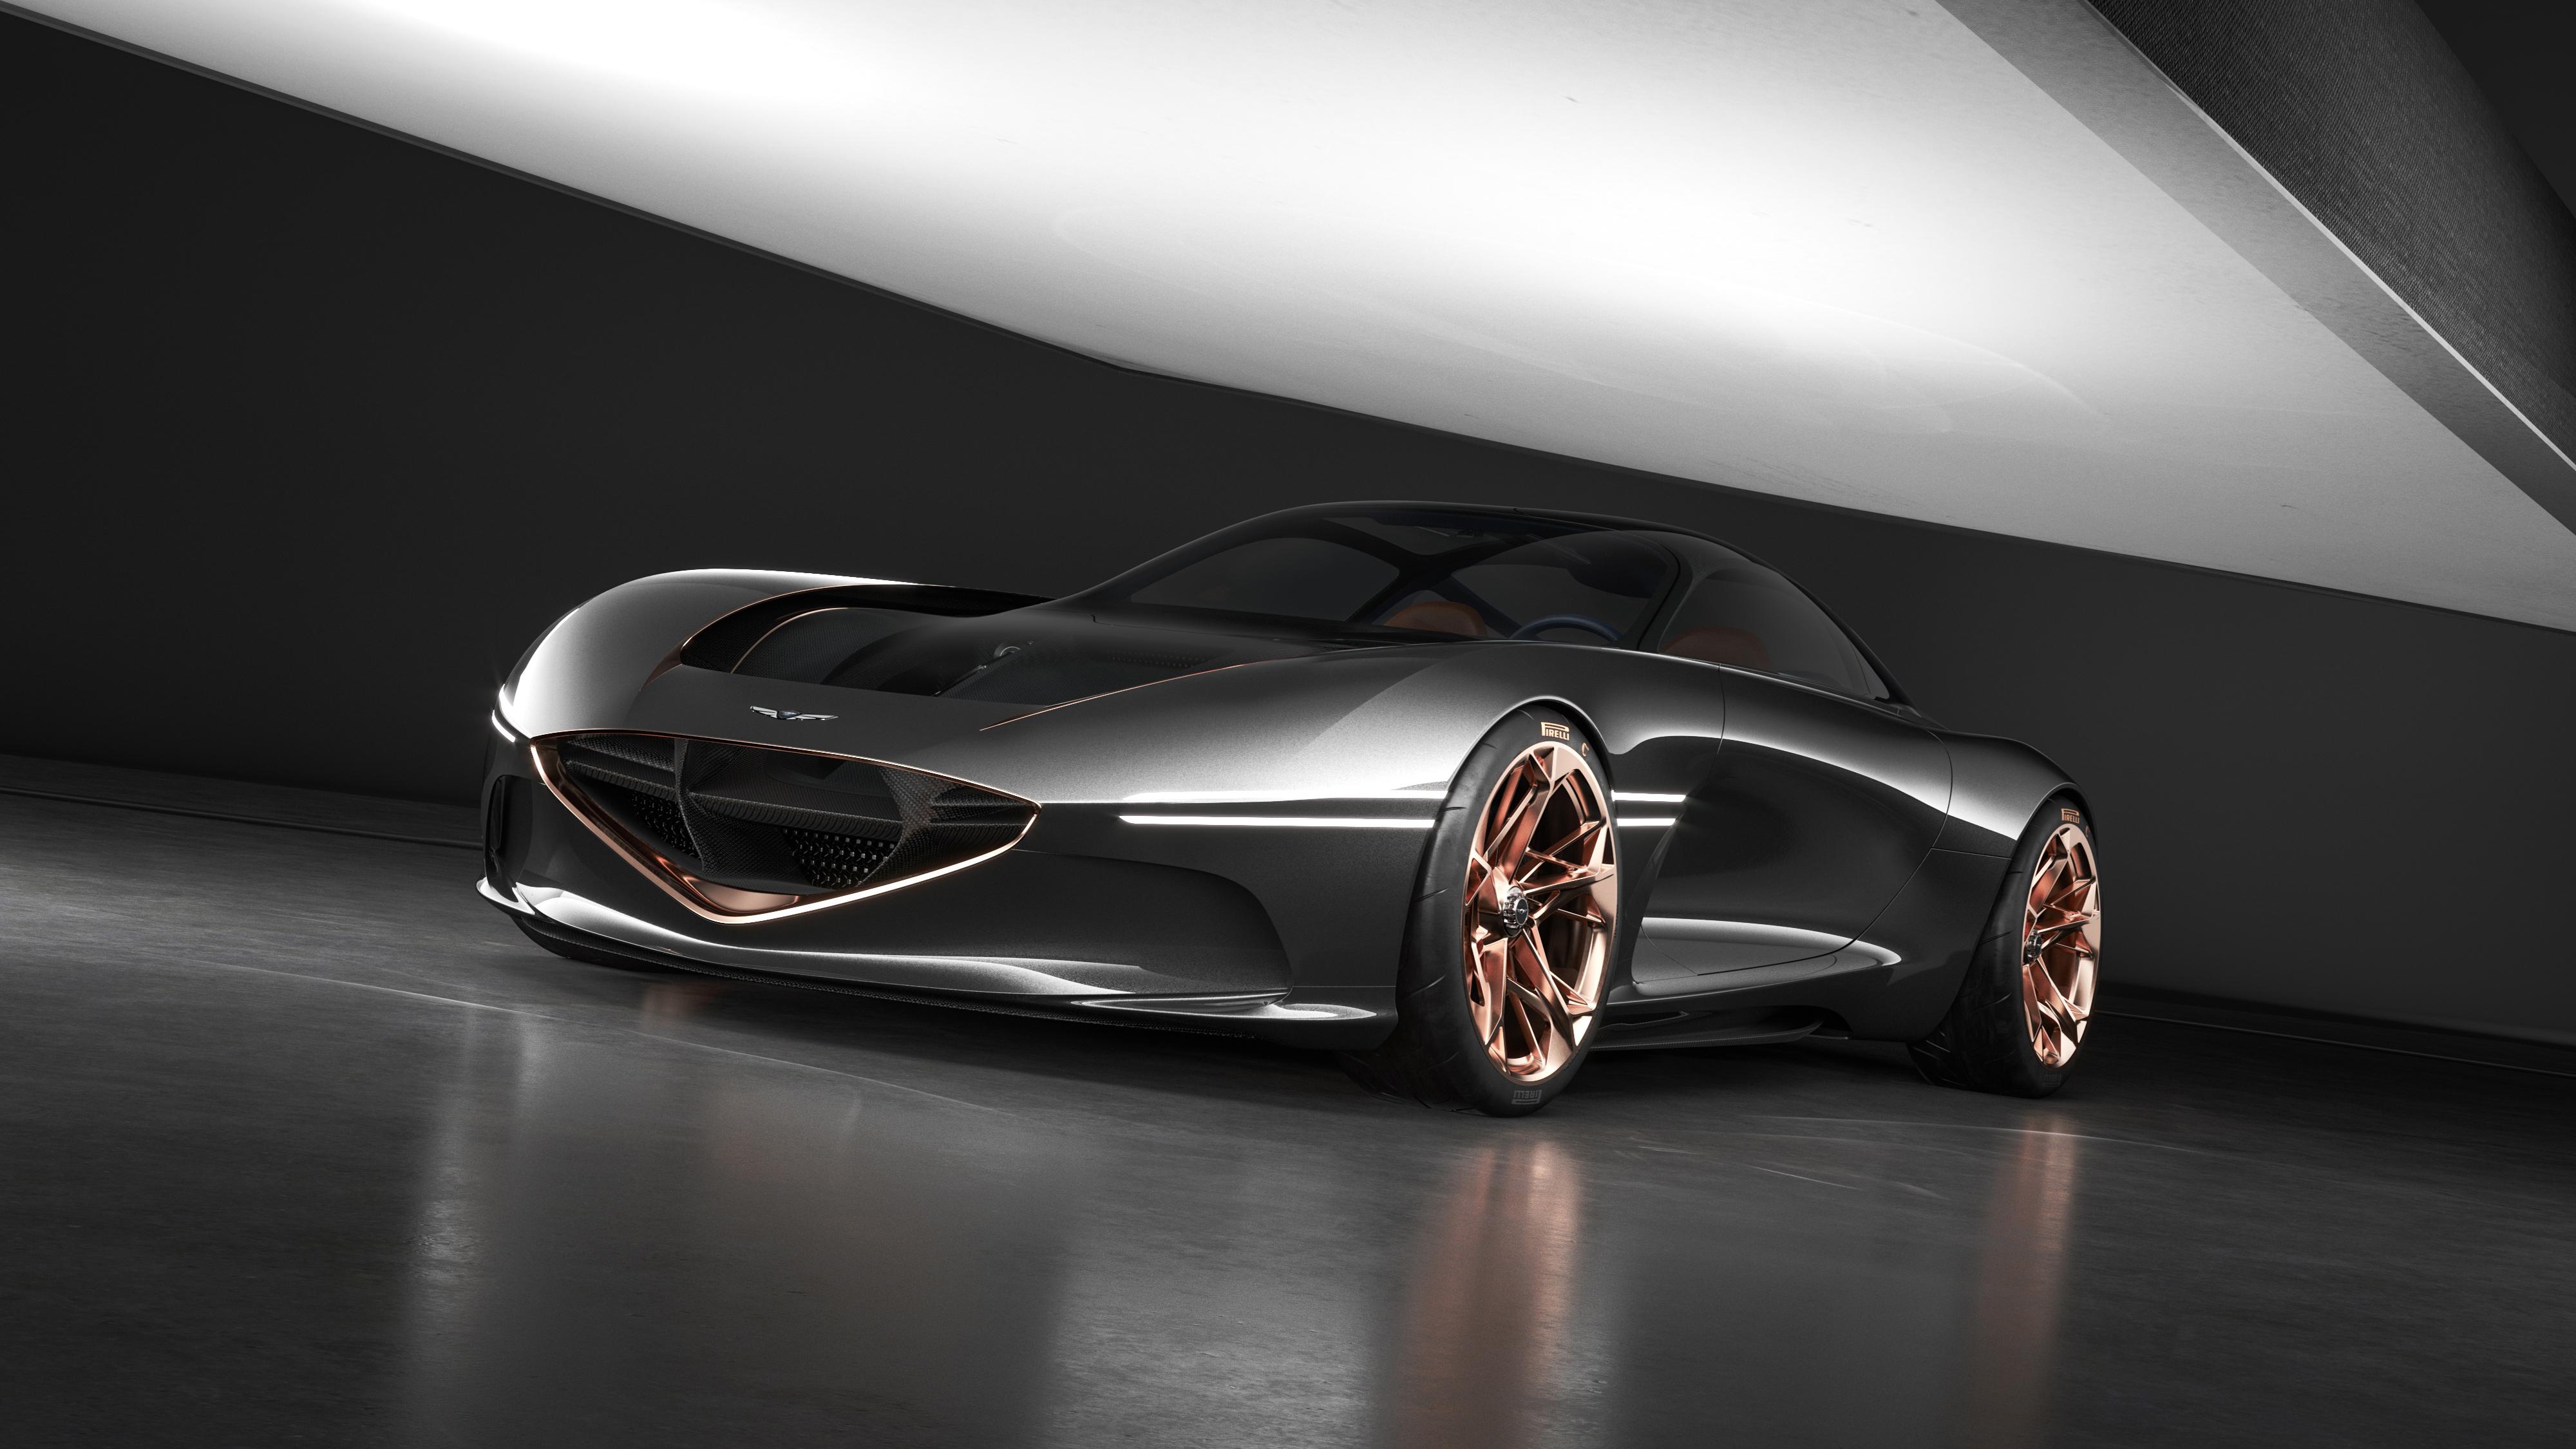 2018 Genesis Essentia Concept 4K Wallpaper | HD Car ...